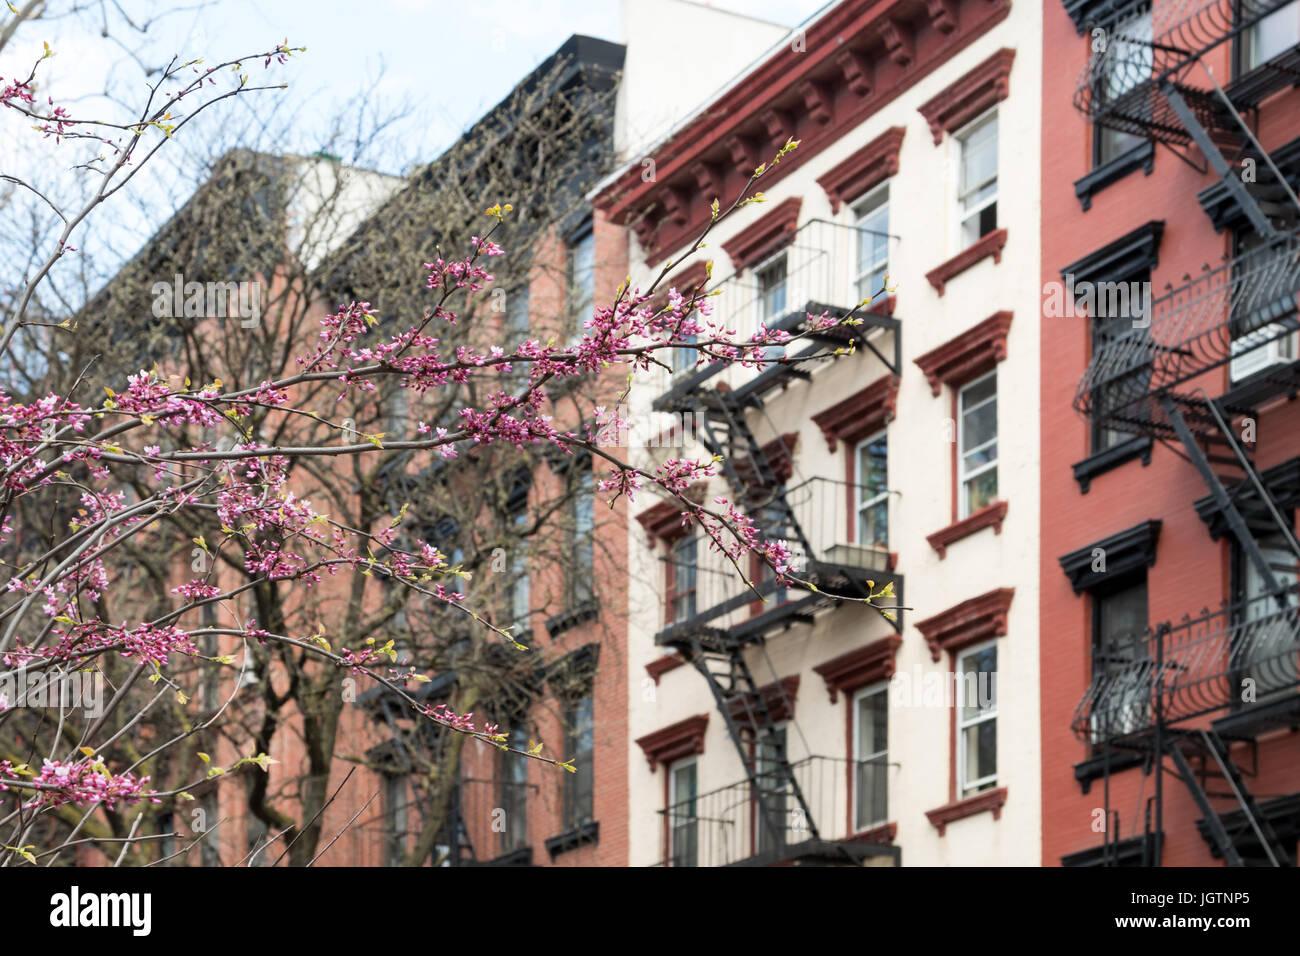 New York City Spring Street scene avec arbres en fleurs colorées et l'arrière-plan de vieux immeubles Photo Stock